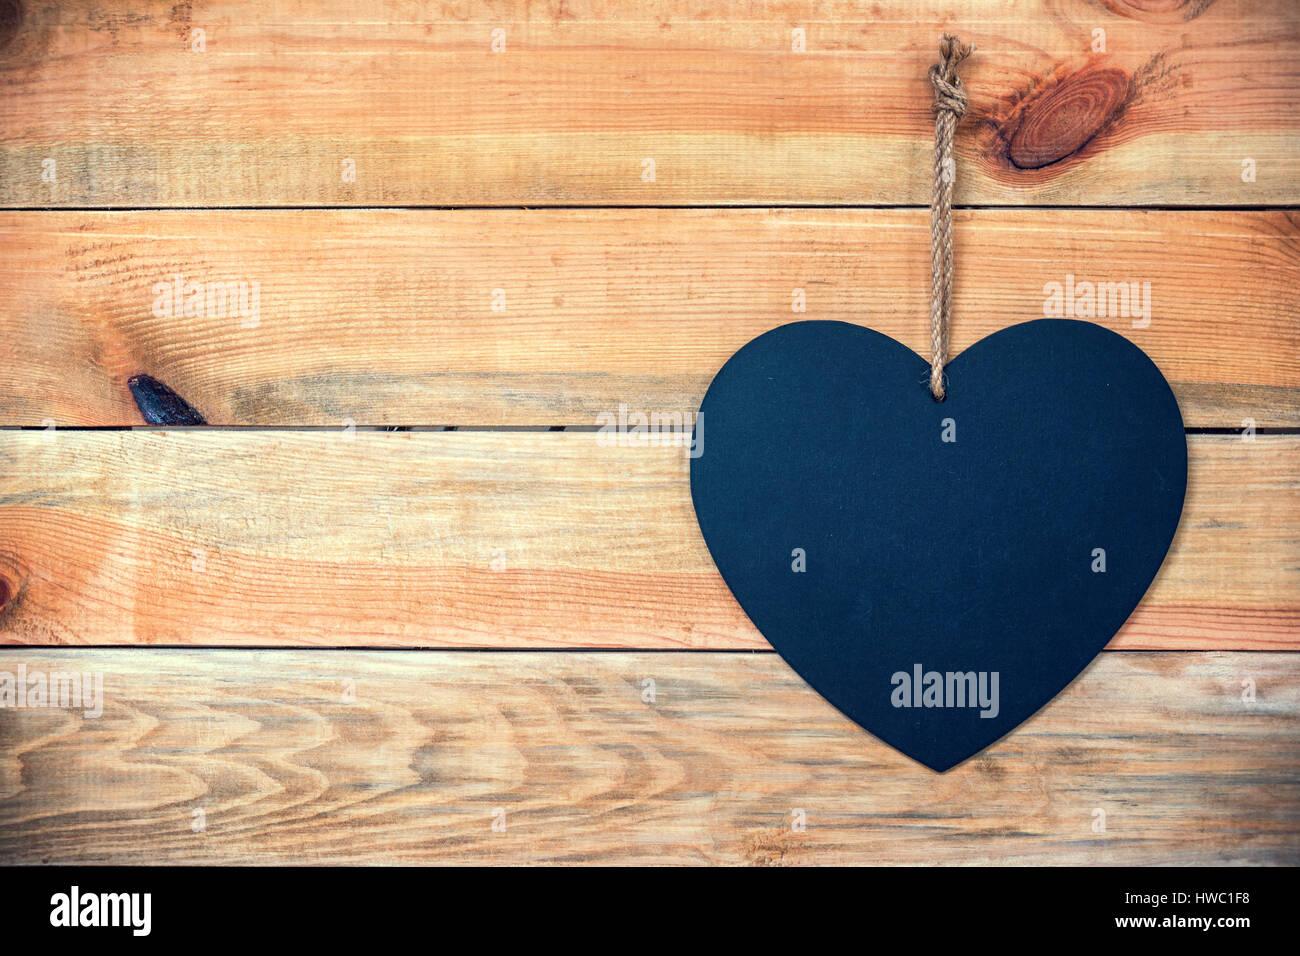 Holzbohlen mit einer Tafel in der Form eines Herzens, Liebe Grußkarte Hintergrund mit textfreiraum für Stockbild